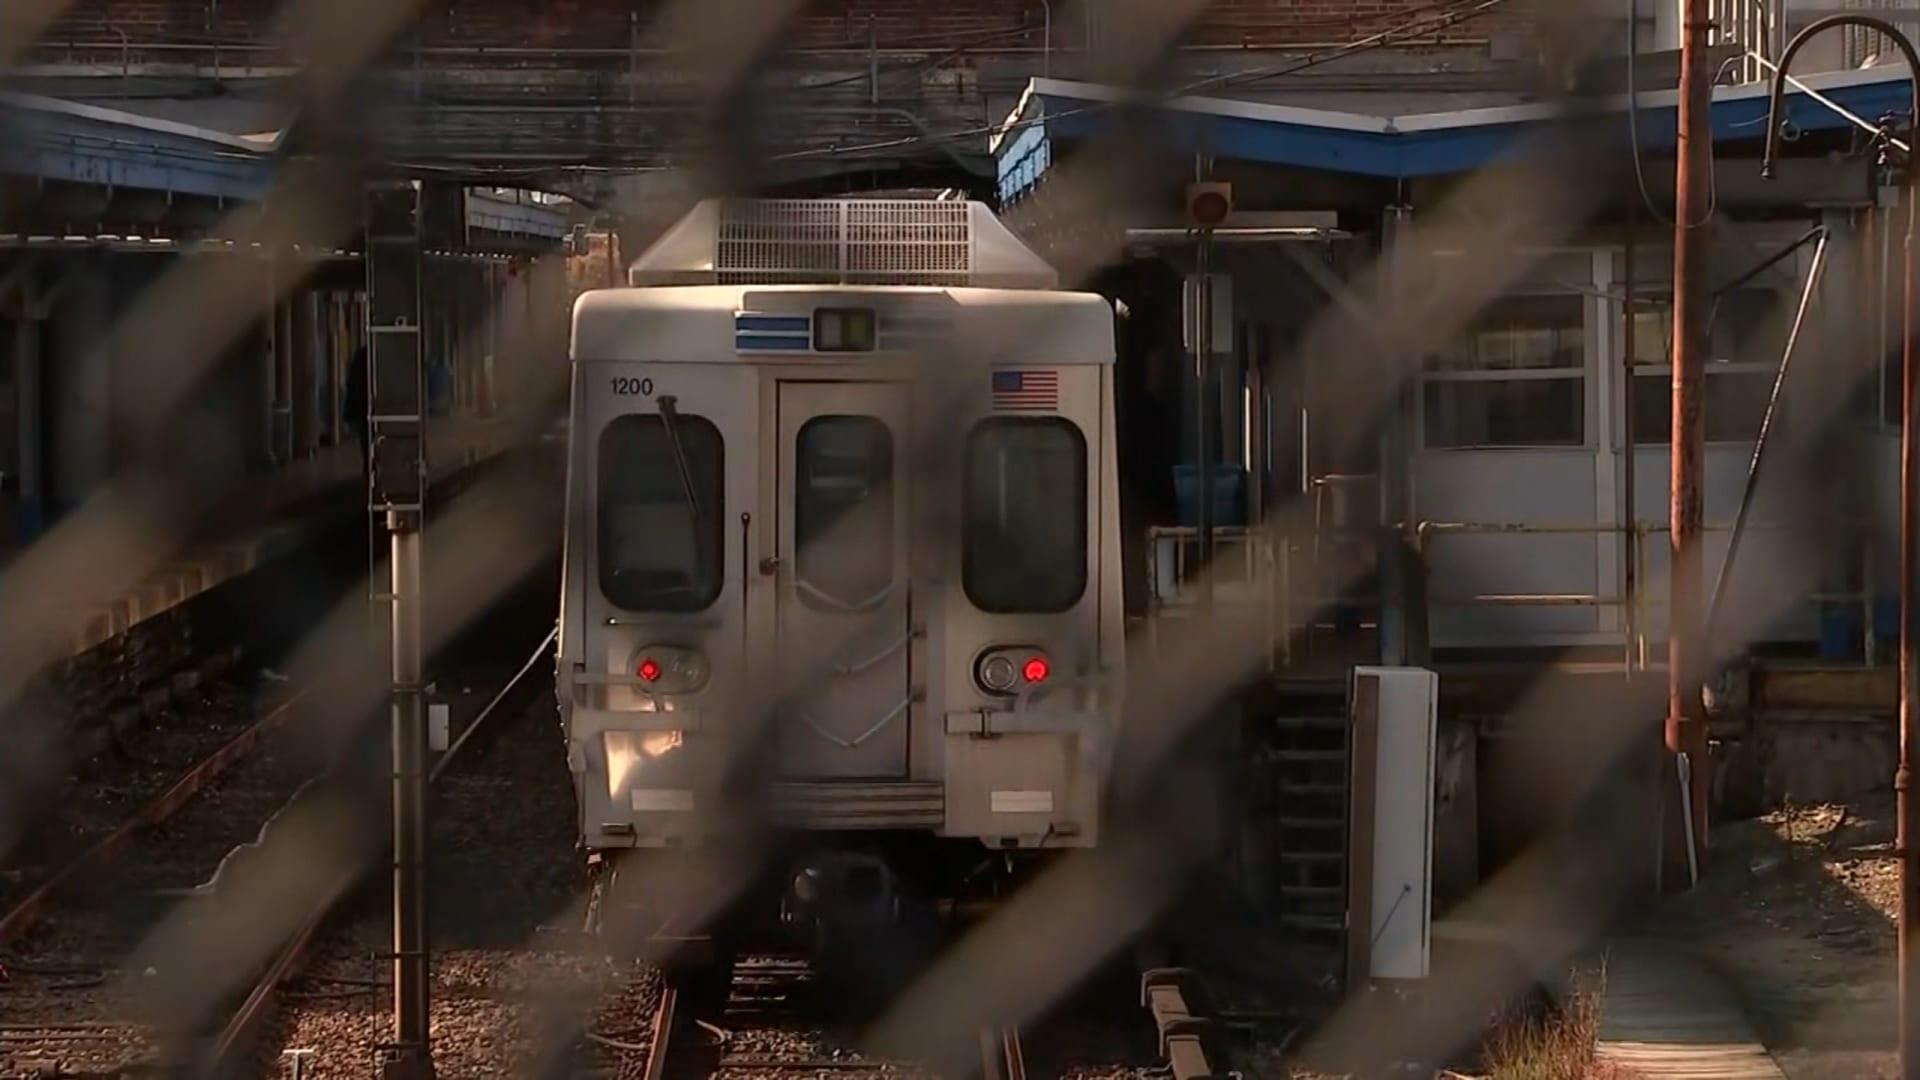 اتهام رجل باغتصاب امرأة على متن قطار.. والركاب لم يفعلوا شيئًا